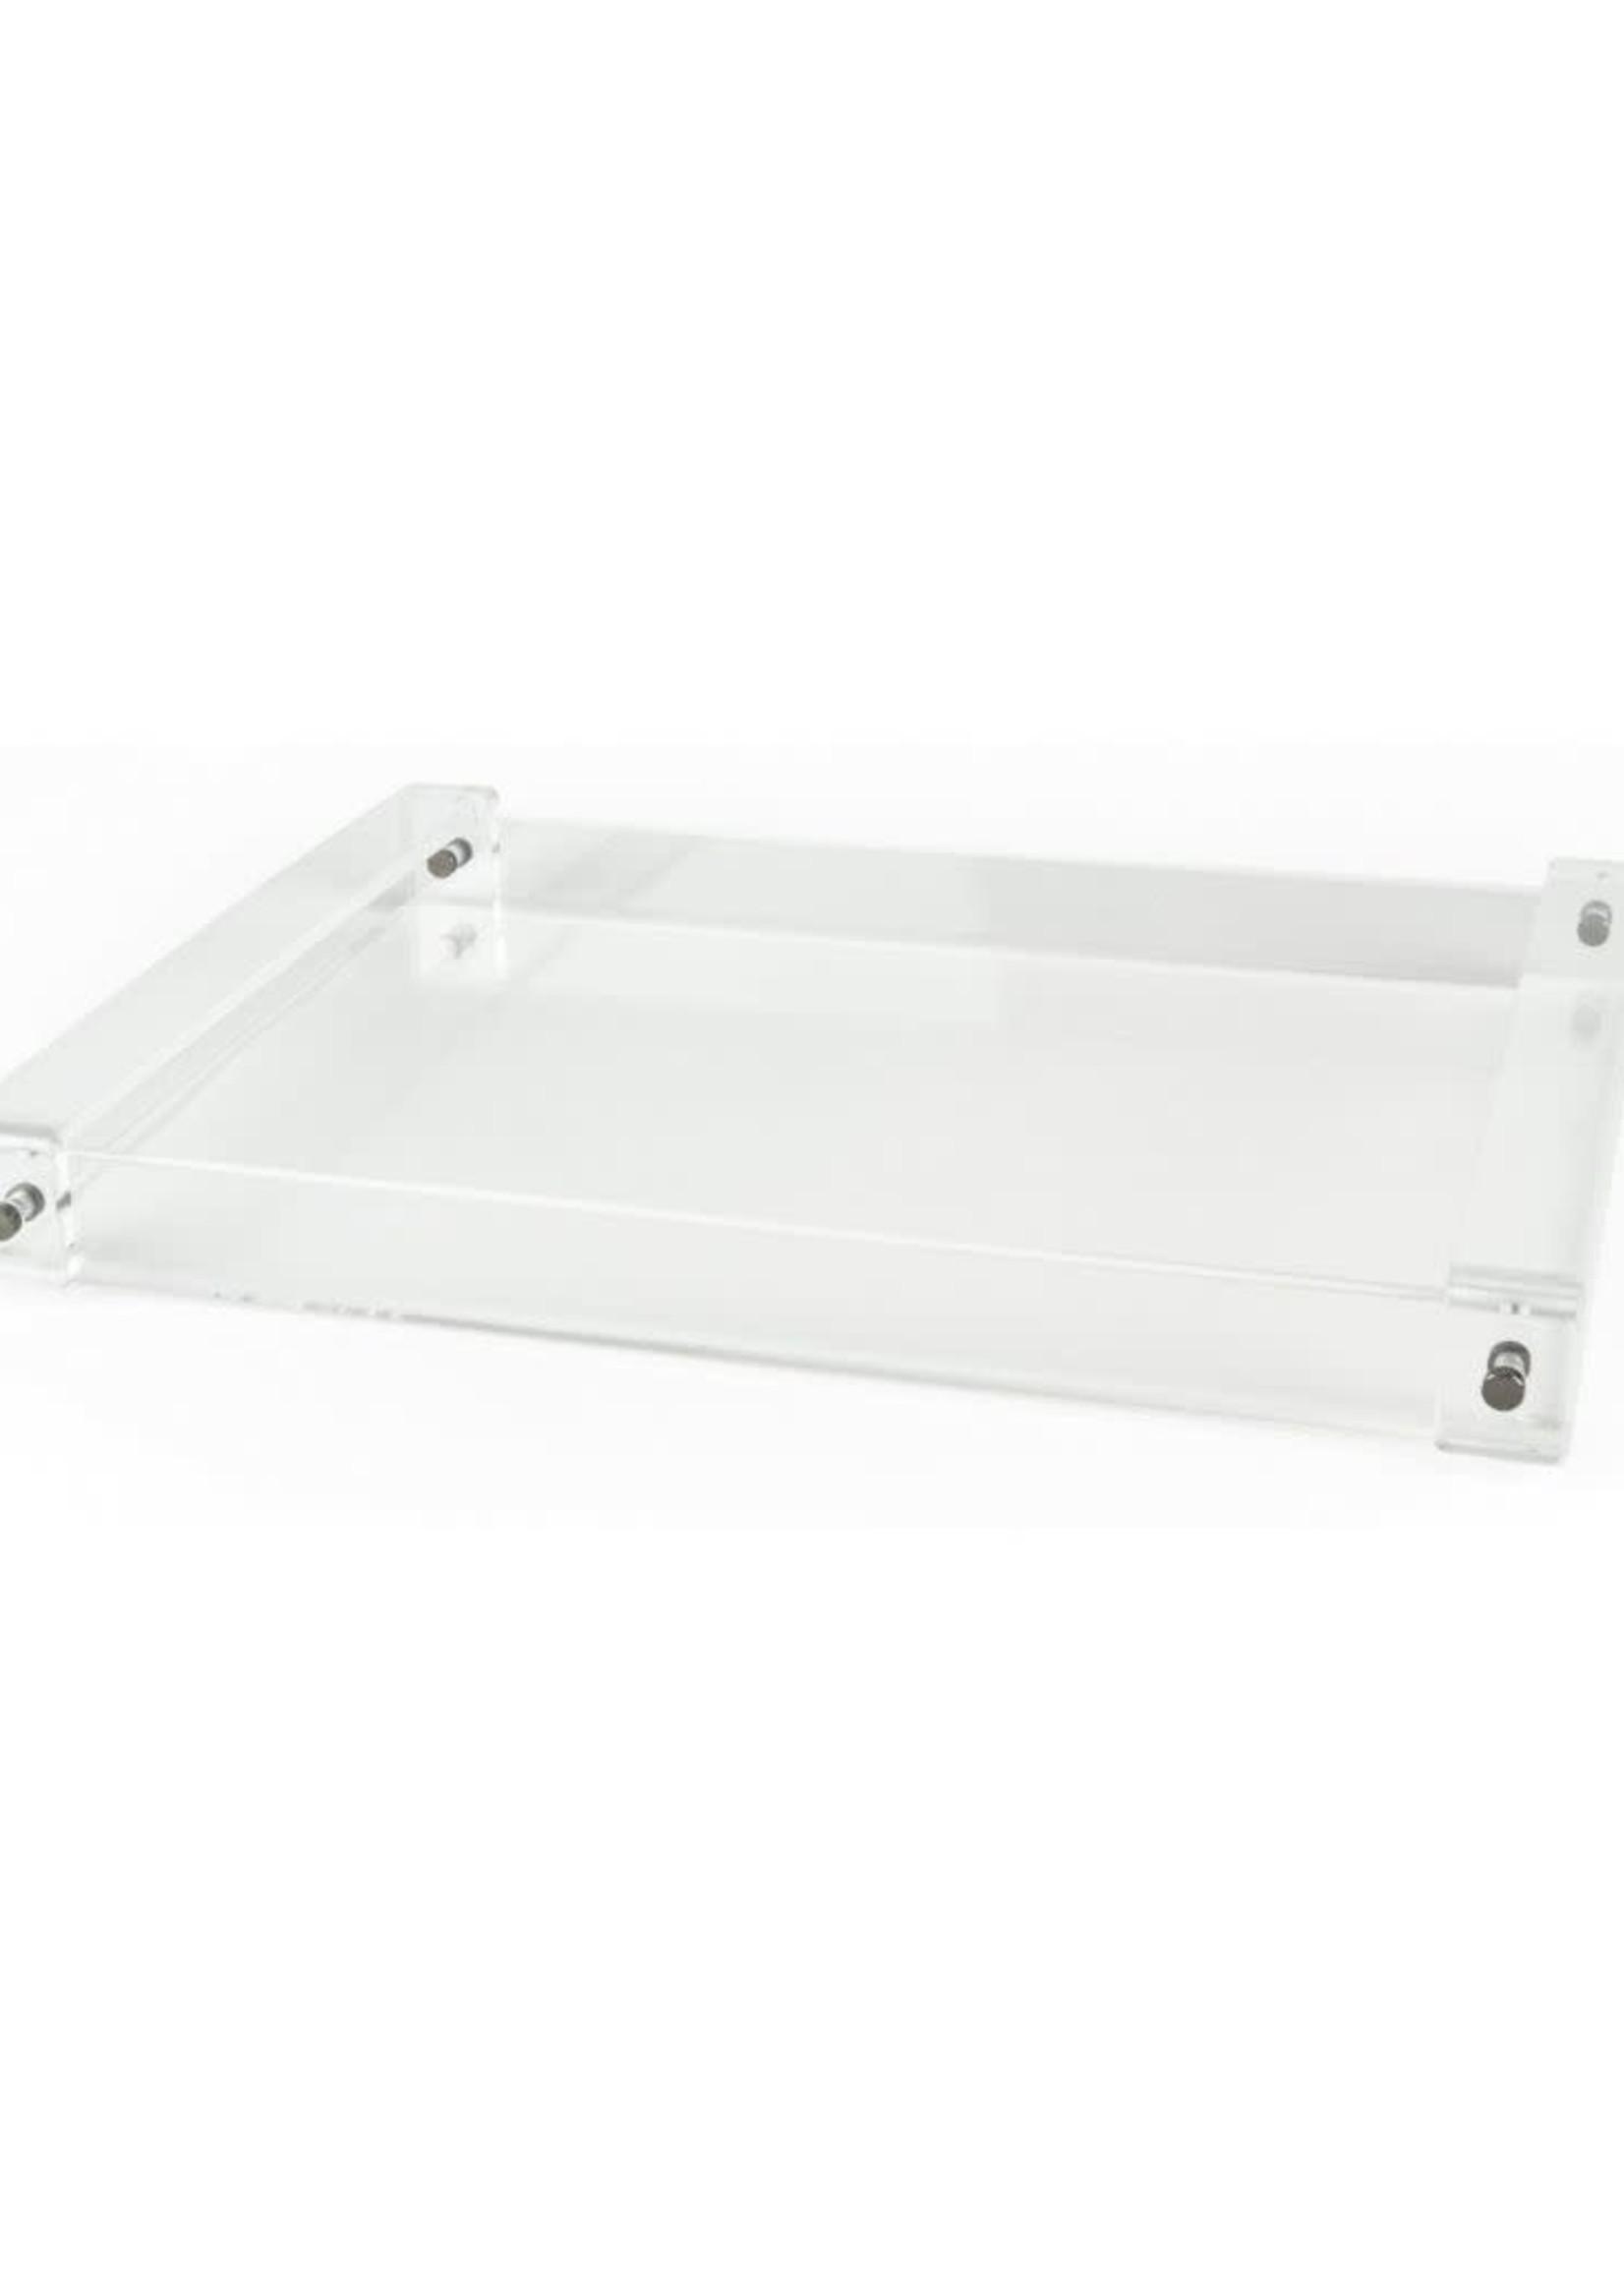 Acrylic Clear Tray